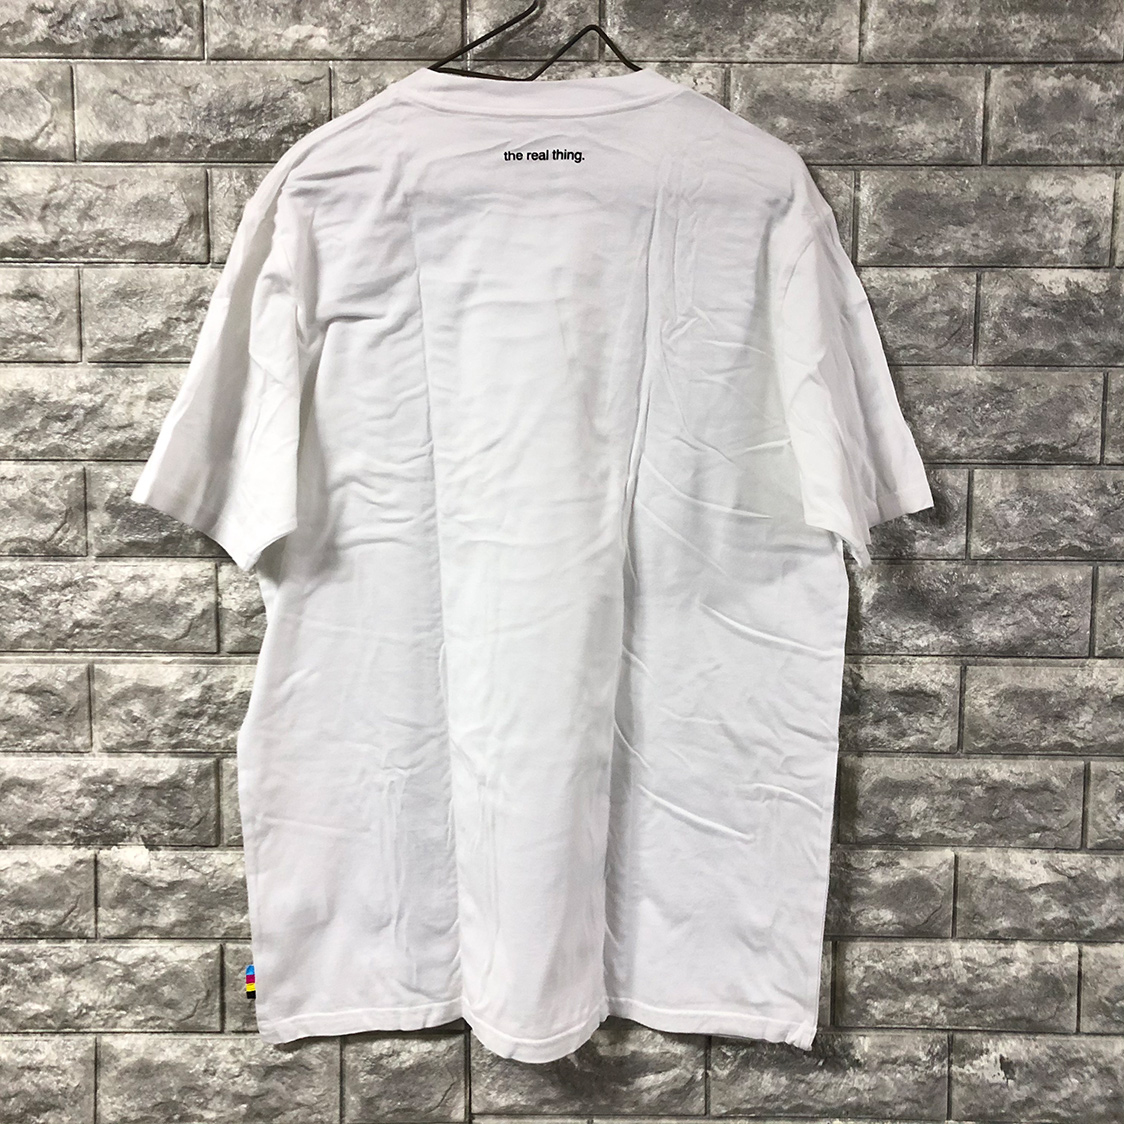 新品 FACETASM ファセッタズム × FRAGMENT THE CONVENI フラグメント ザ・コンビニ 【Lサイズ】 Tシャツ 半袖 藤原ヒロシ